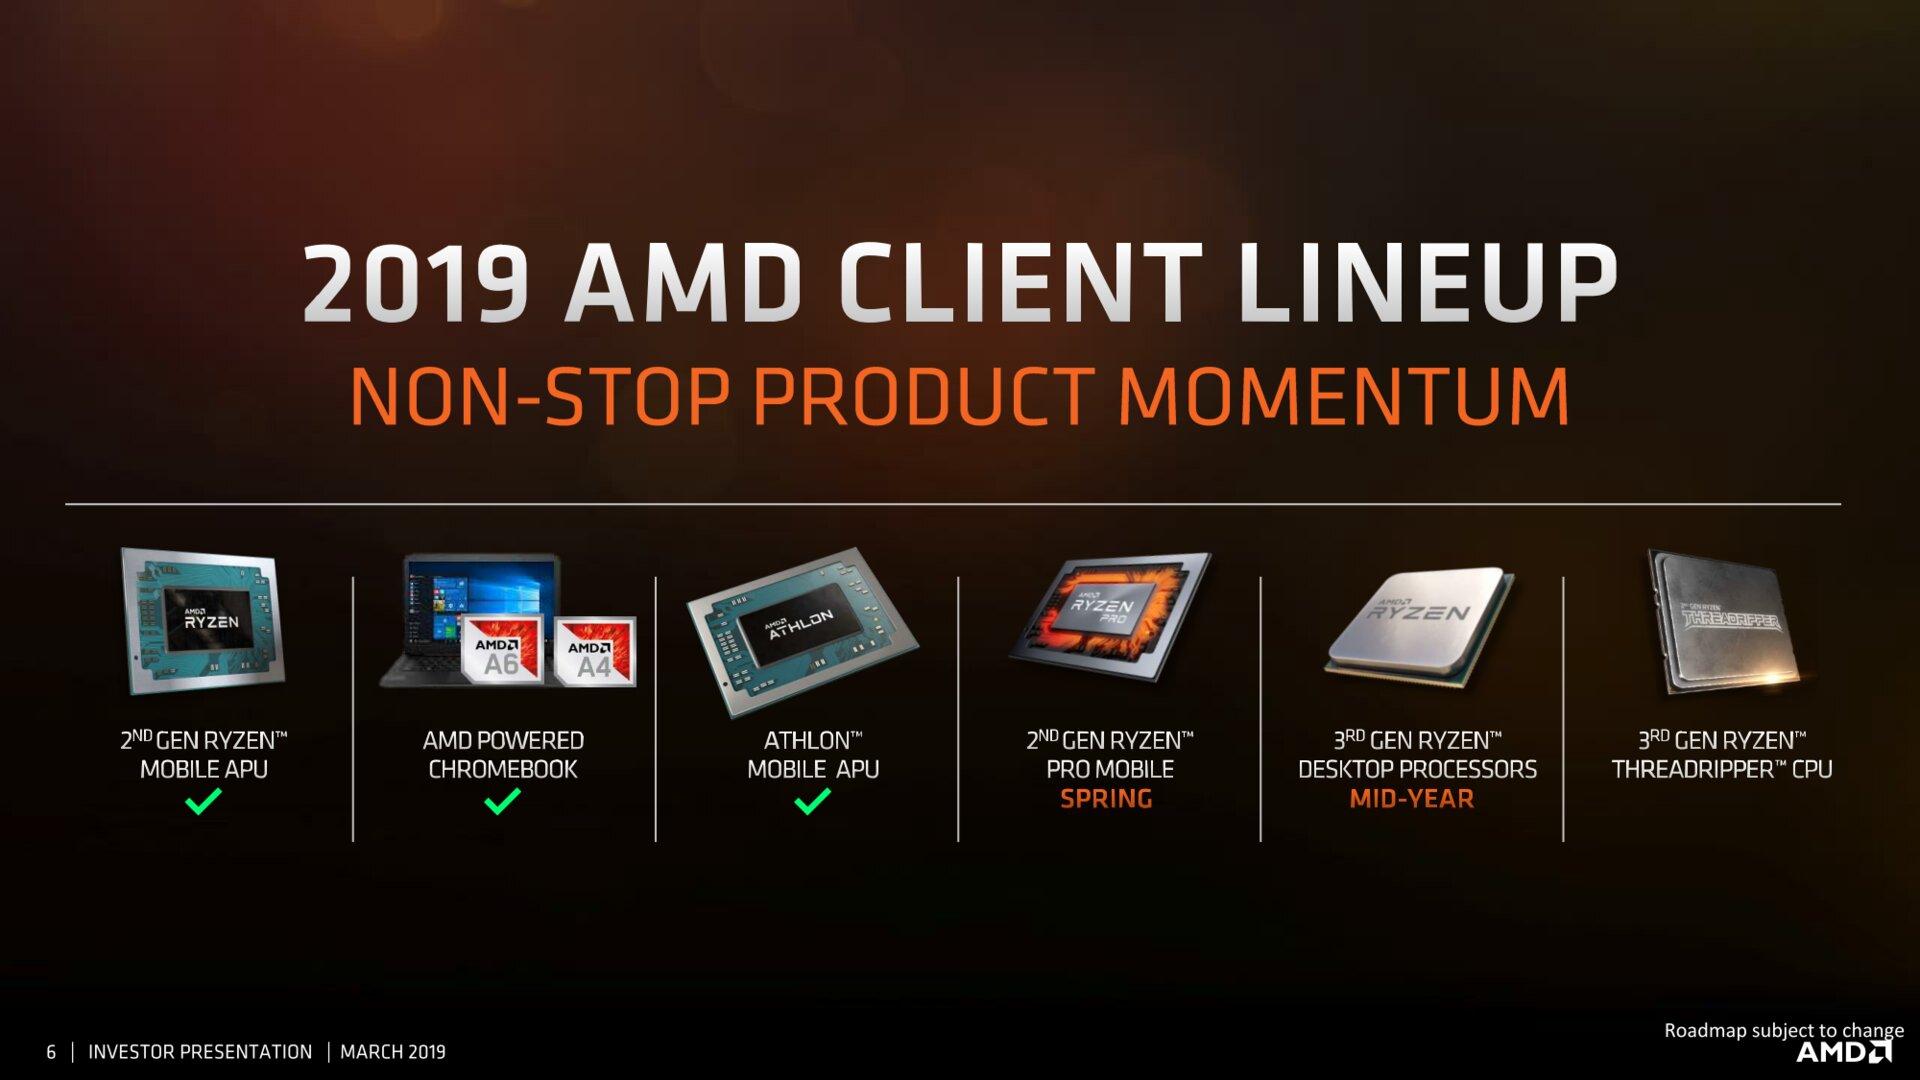 AMD Client Roadmap im März 2019: 3. Generation Threadripper (Castle Peak) im zweiten Halbjahr